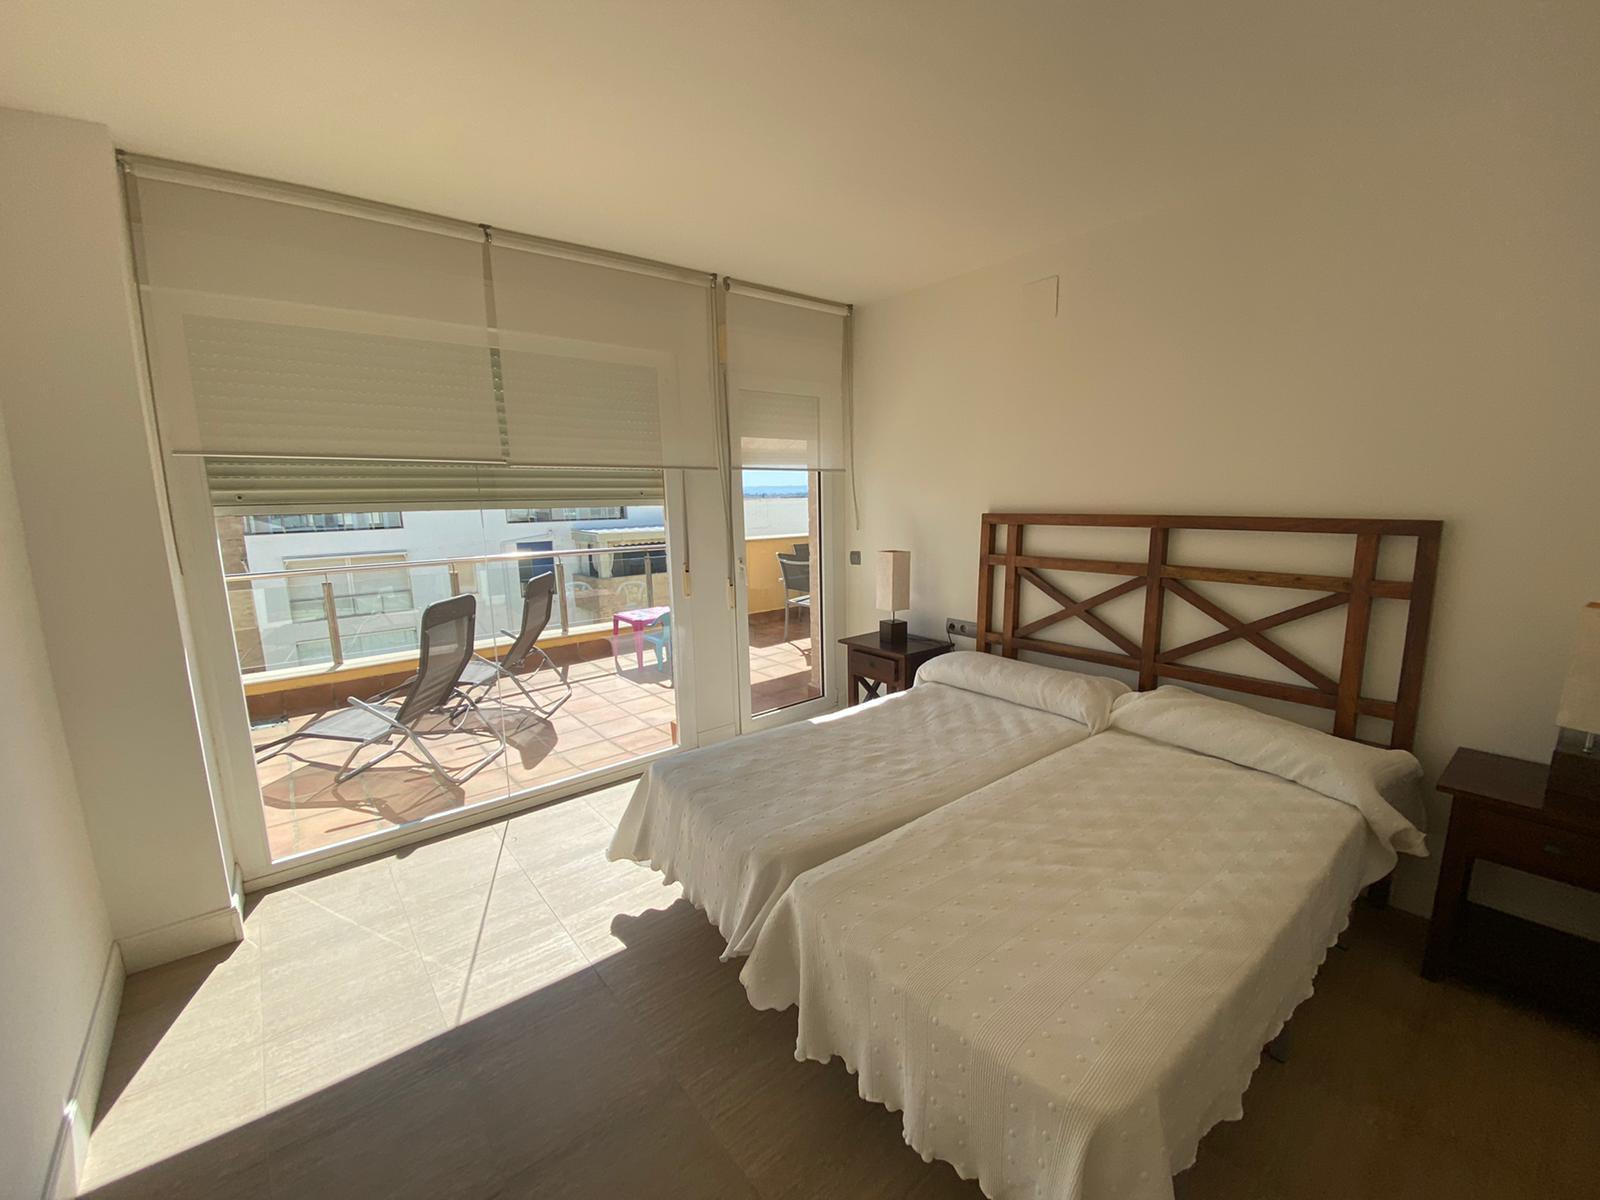 Imagen 23 del Apartamento Turístico, Ático 1 Central (3d+2b), Punta del Moral (HUELVA), Paseo de la Cruz nº22